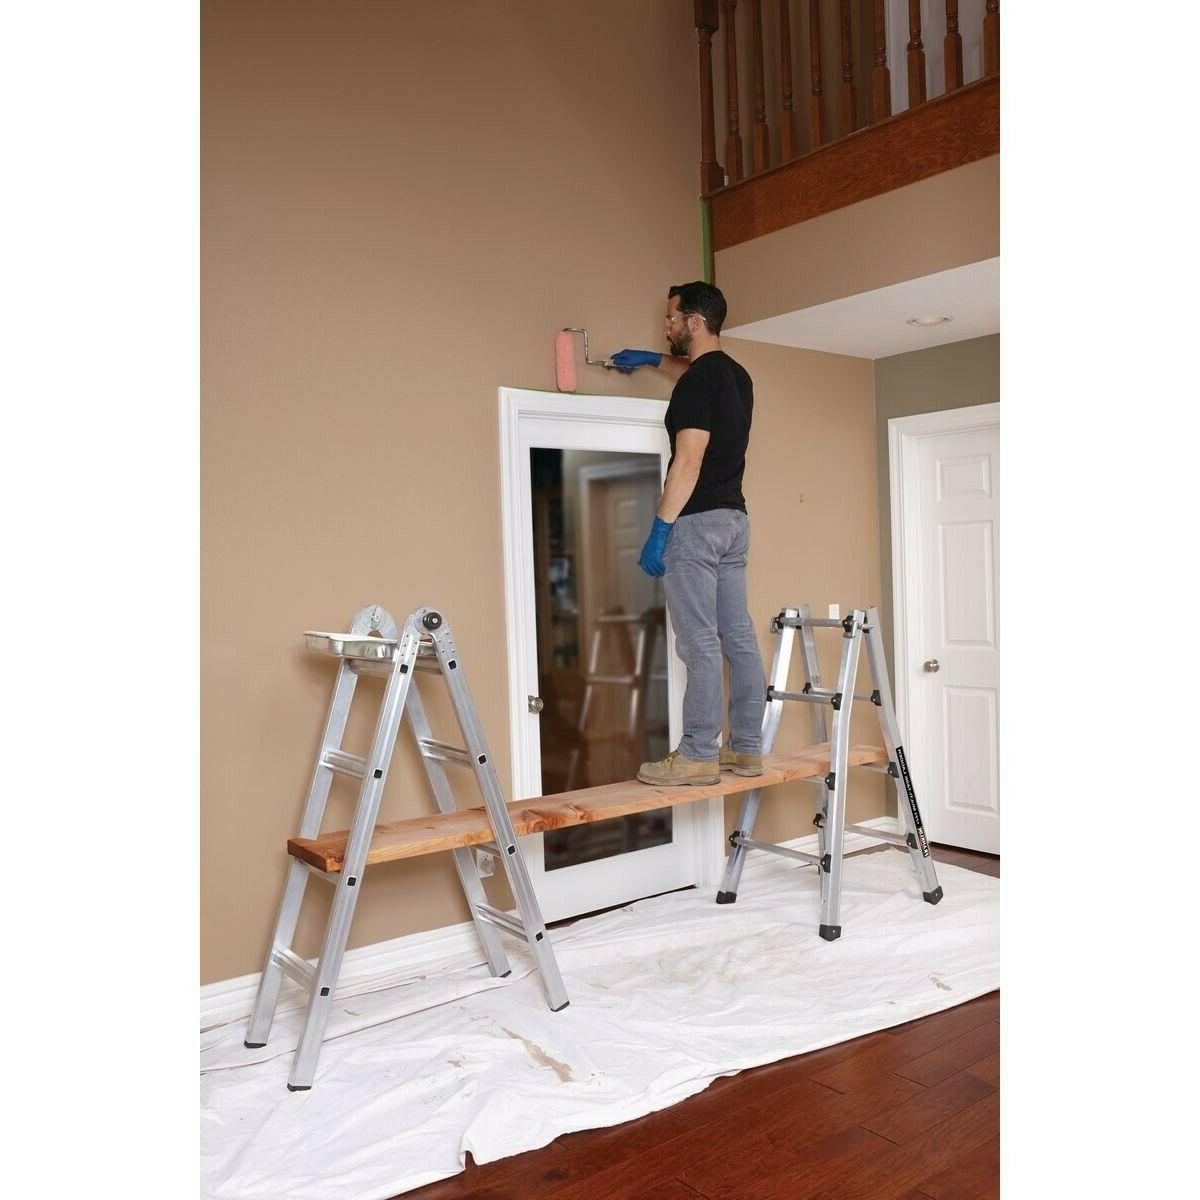 BRAND NEW 17 Ft. Type Ladder Little Giant